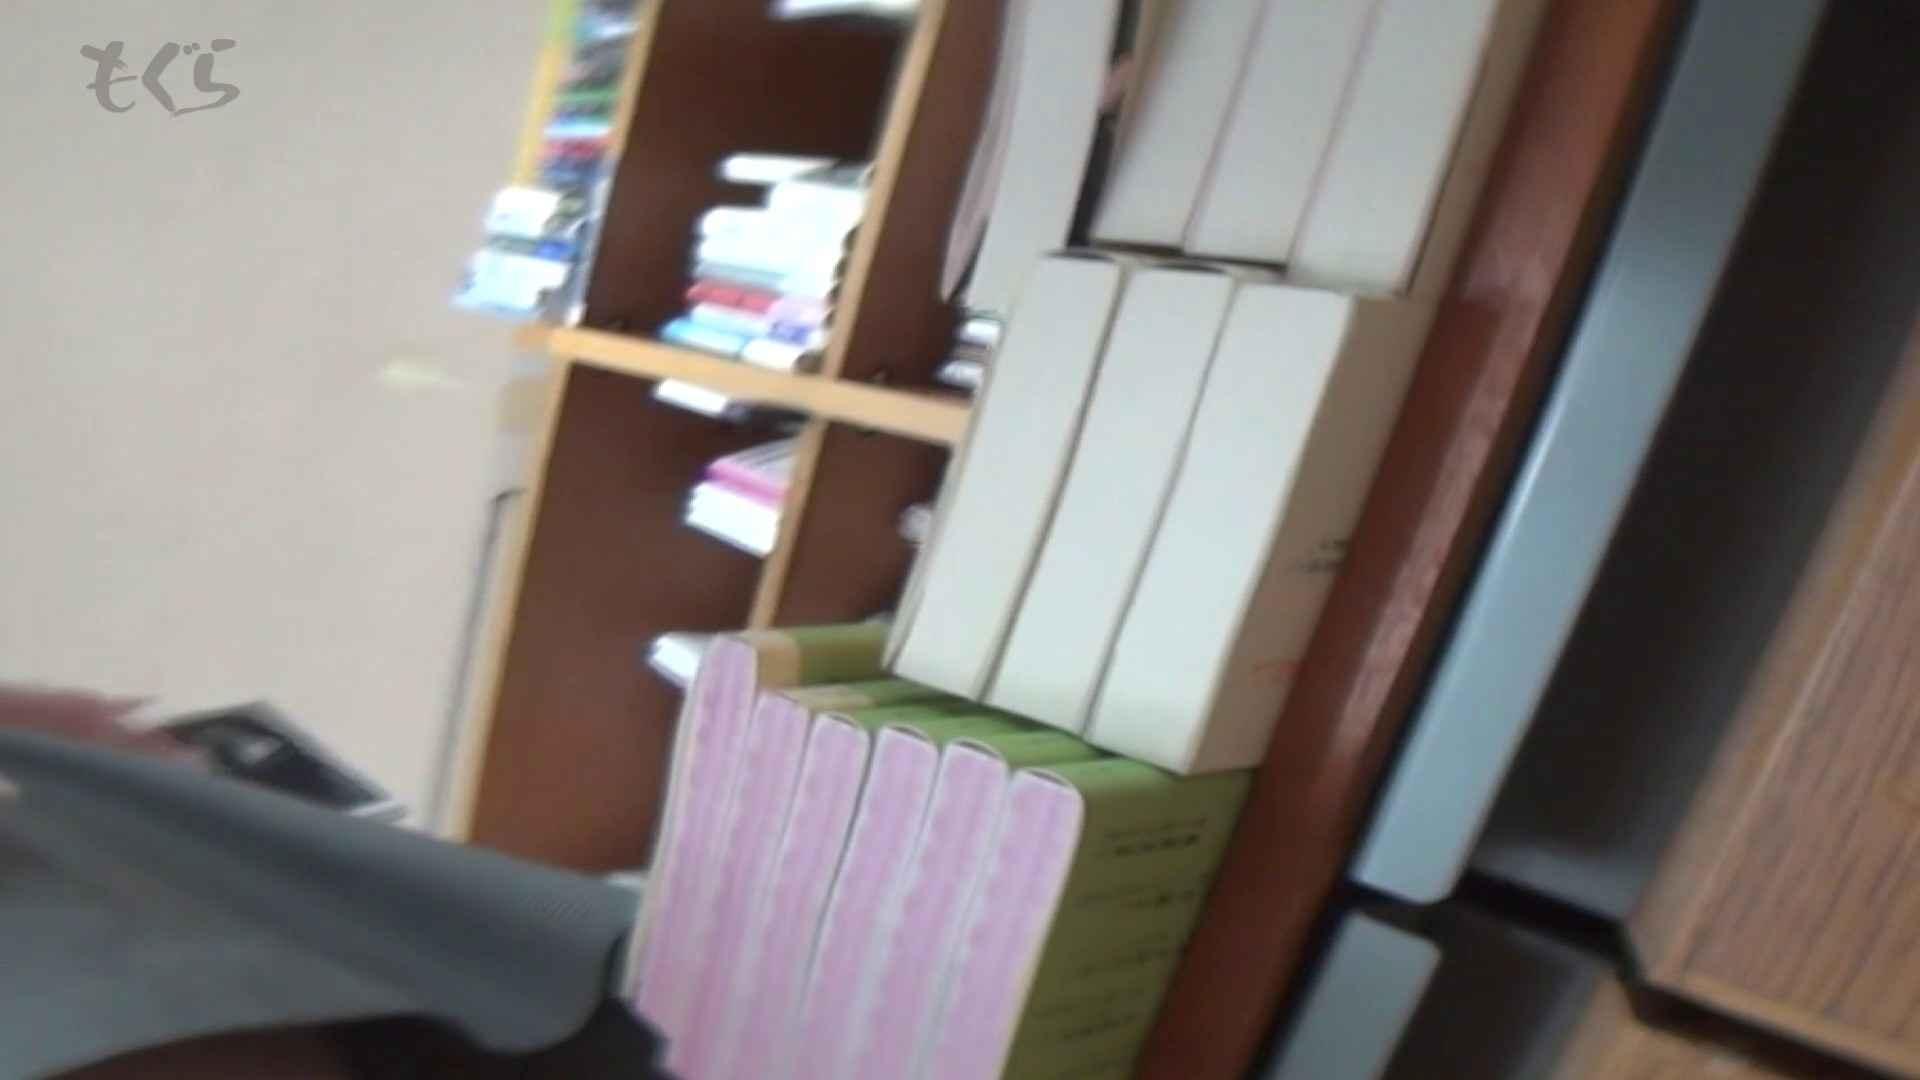 隣から【期間限定品】No.02 文庫女子はやはり白パン!! 期間限定  55pic 48